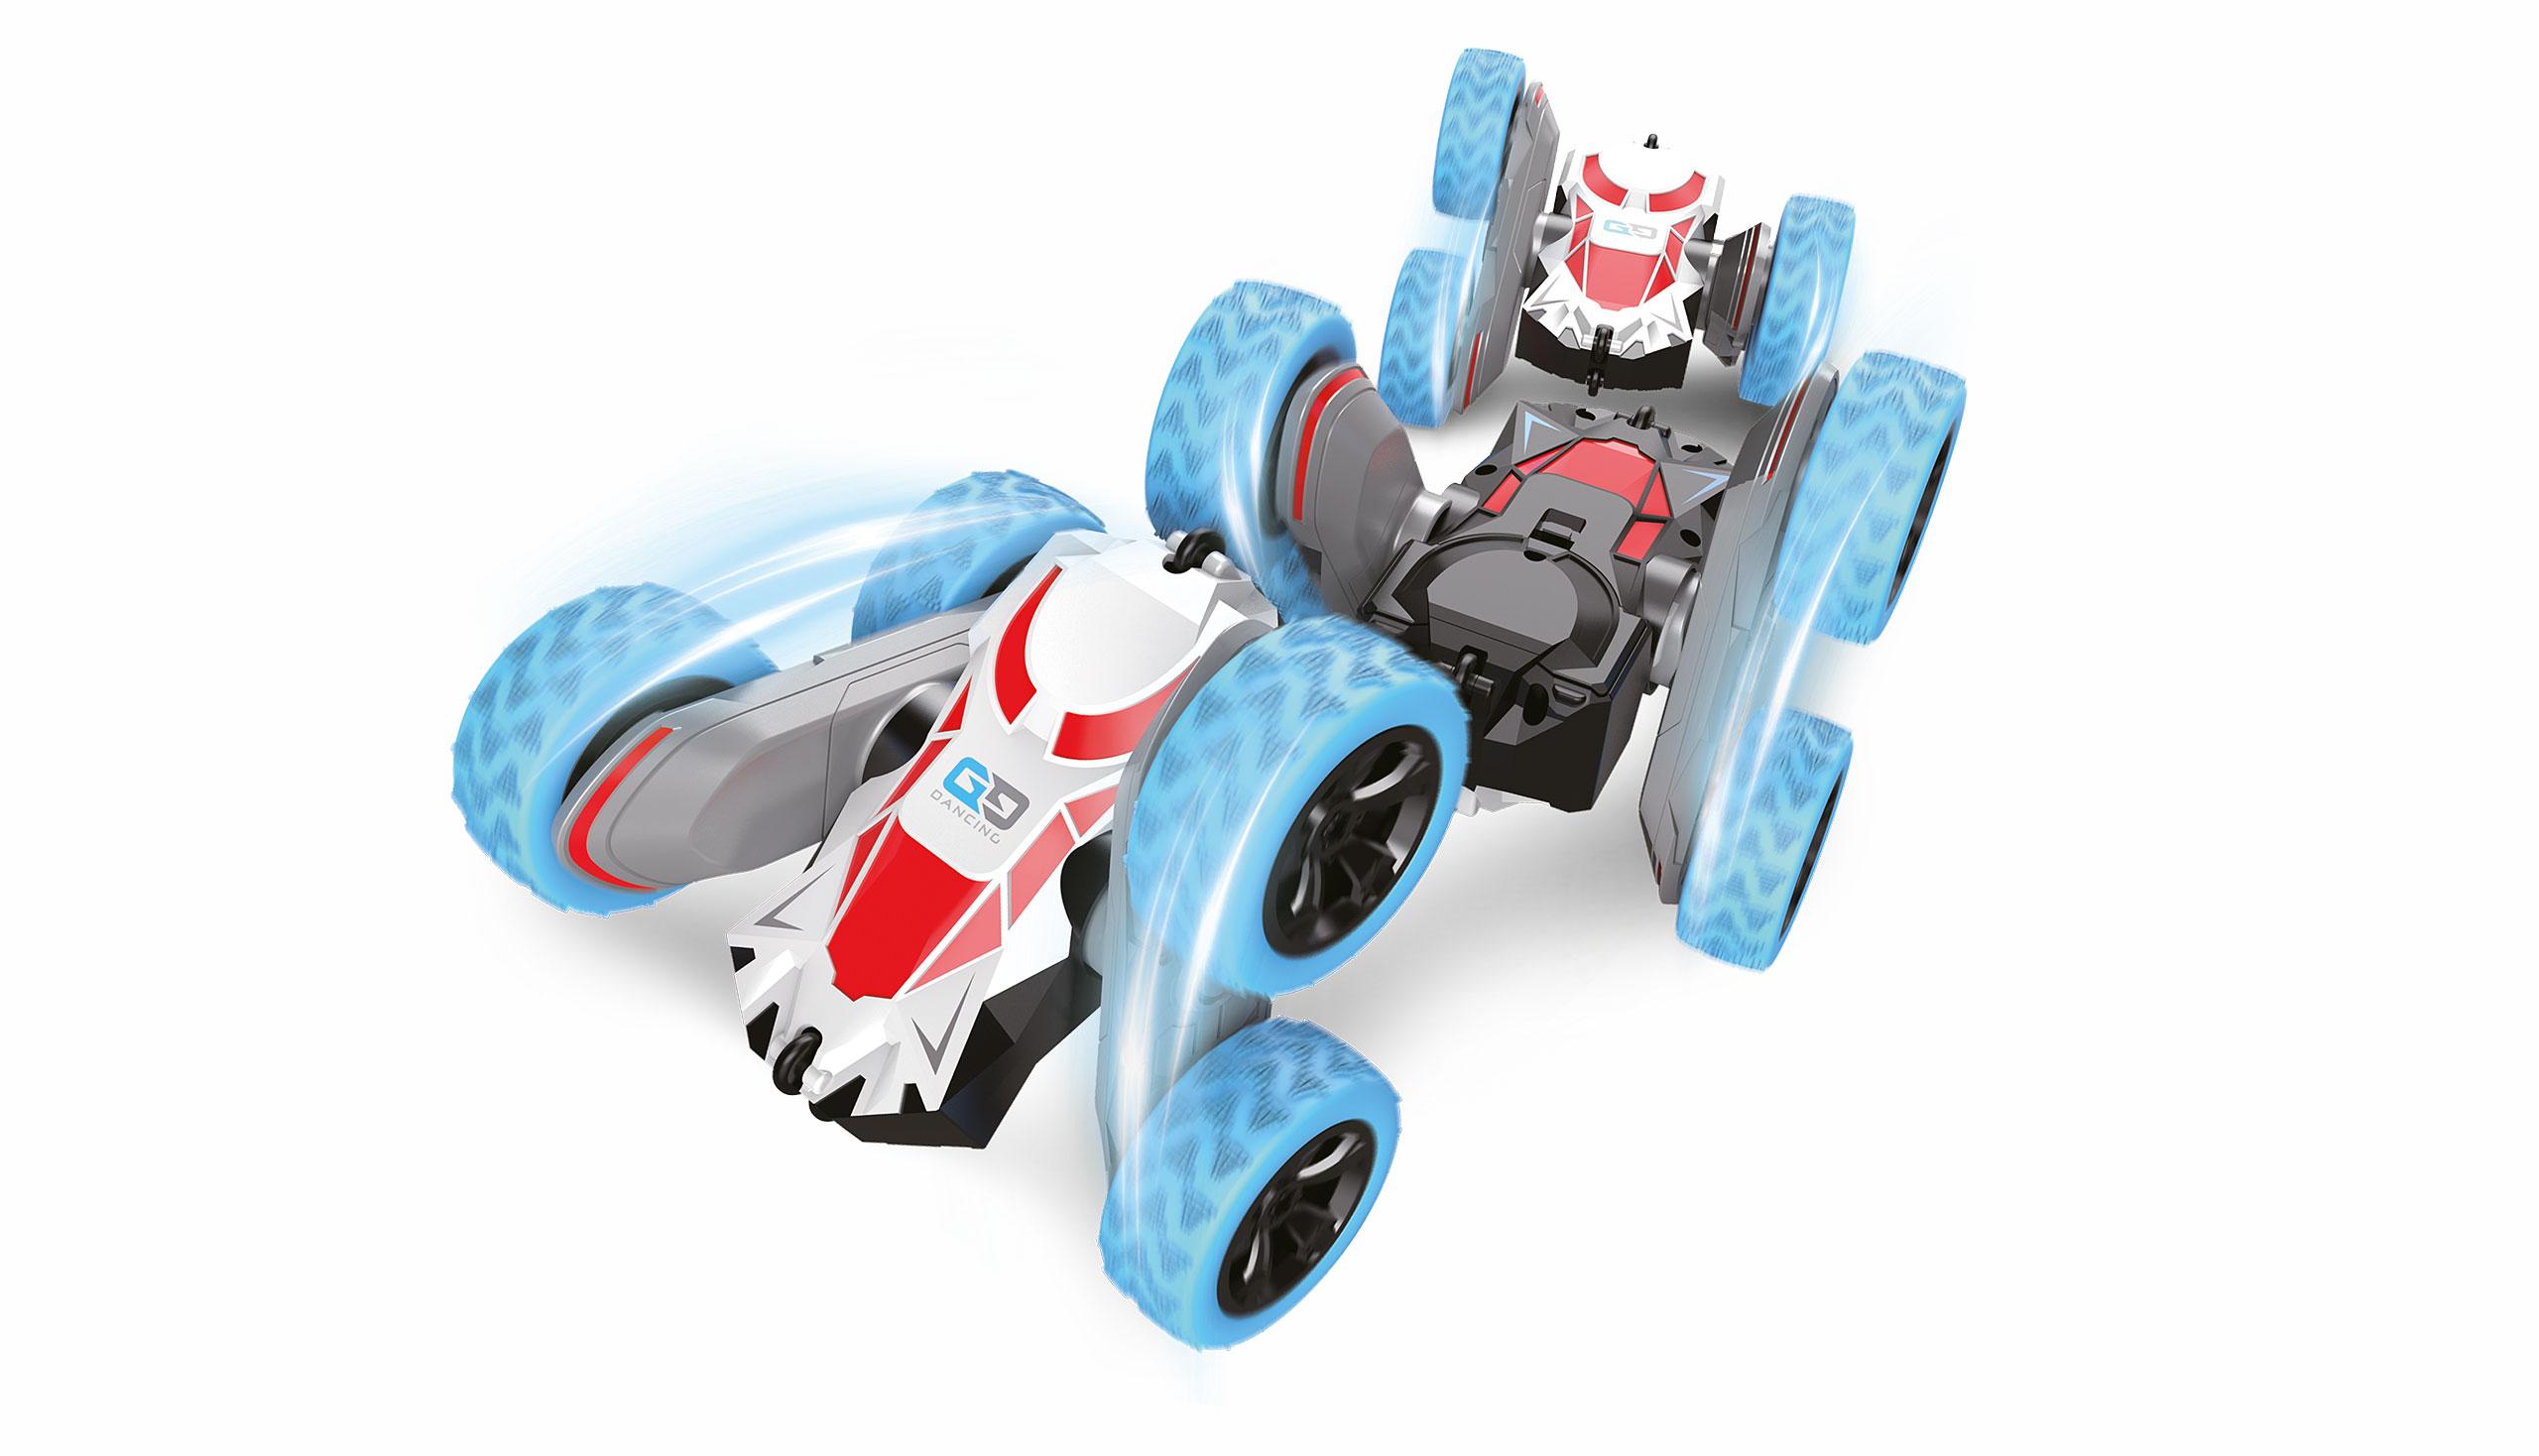 Big SpinStar, oboustranné auto, 4WD, otočné nápravy, 2,4 GHz, 100% RTR, modrý